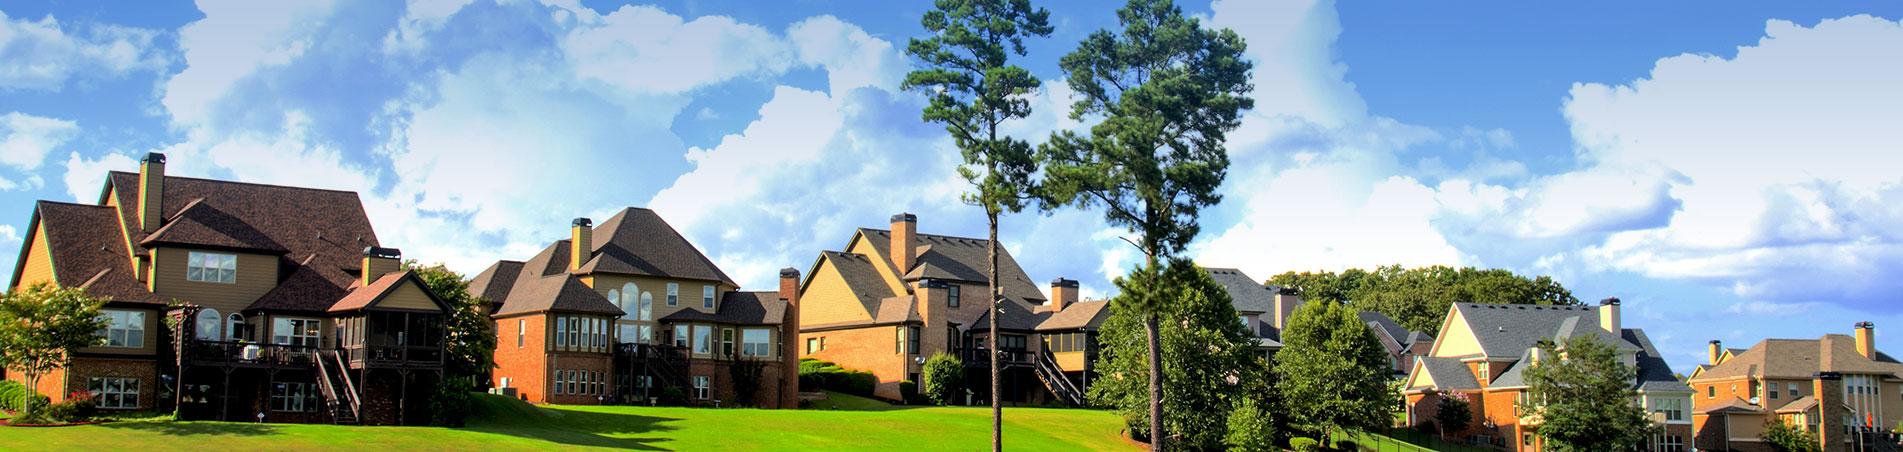 residential-appraisal